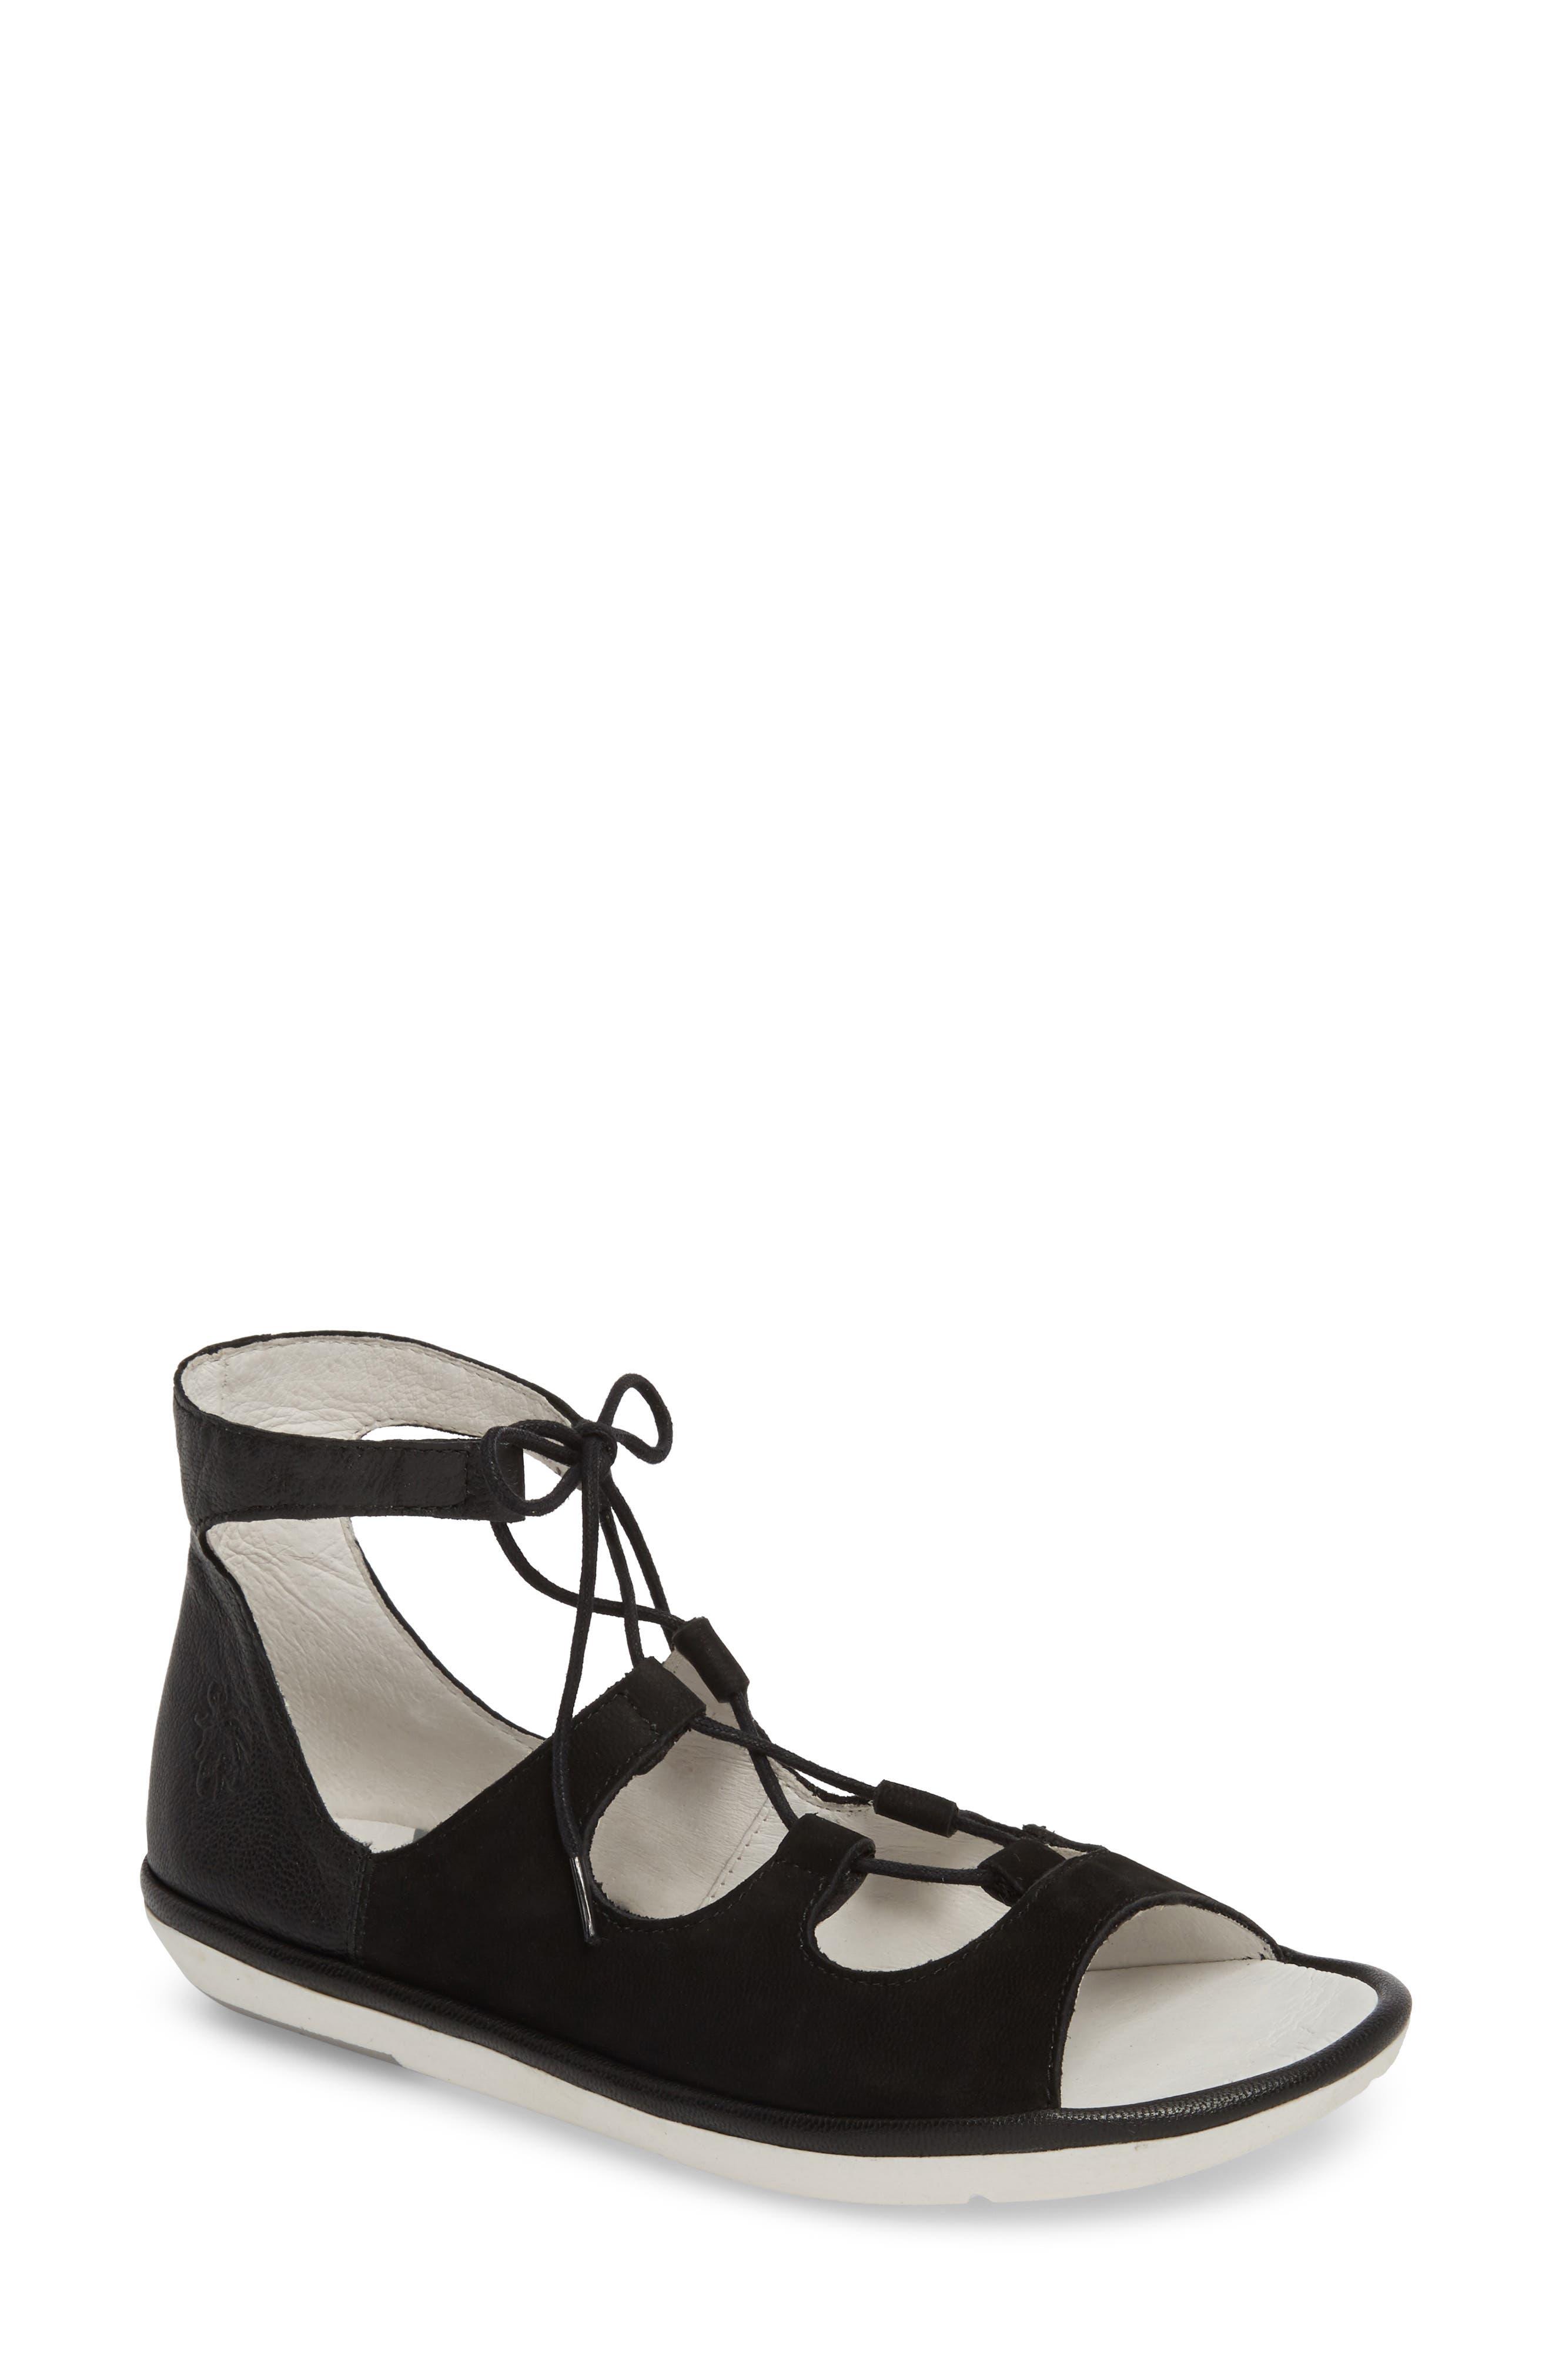 Main Image - Fly London Mura Ghillie Sandal (Women)